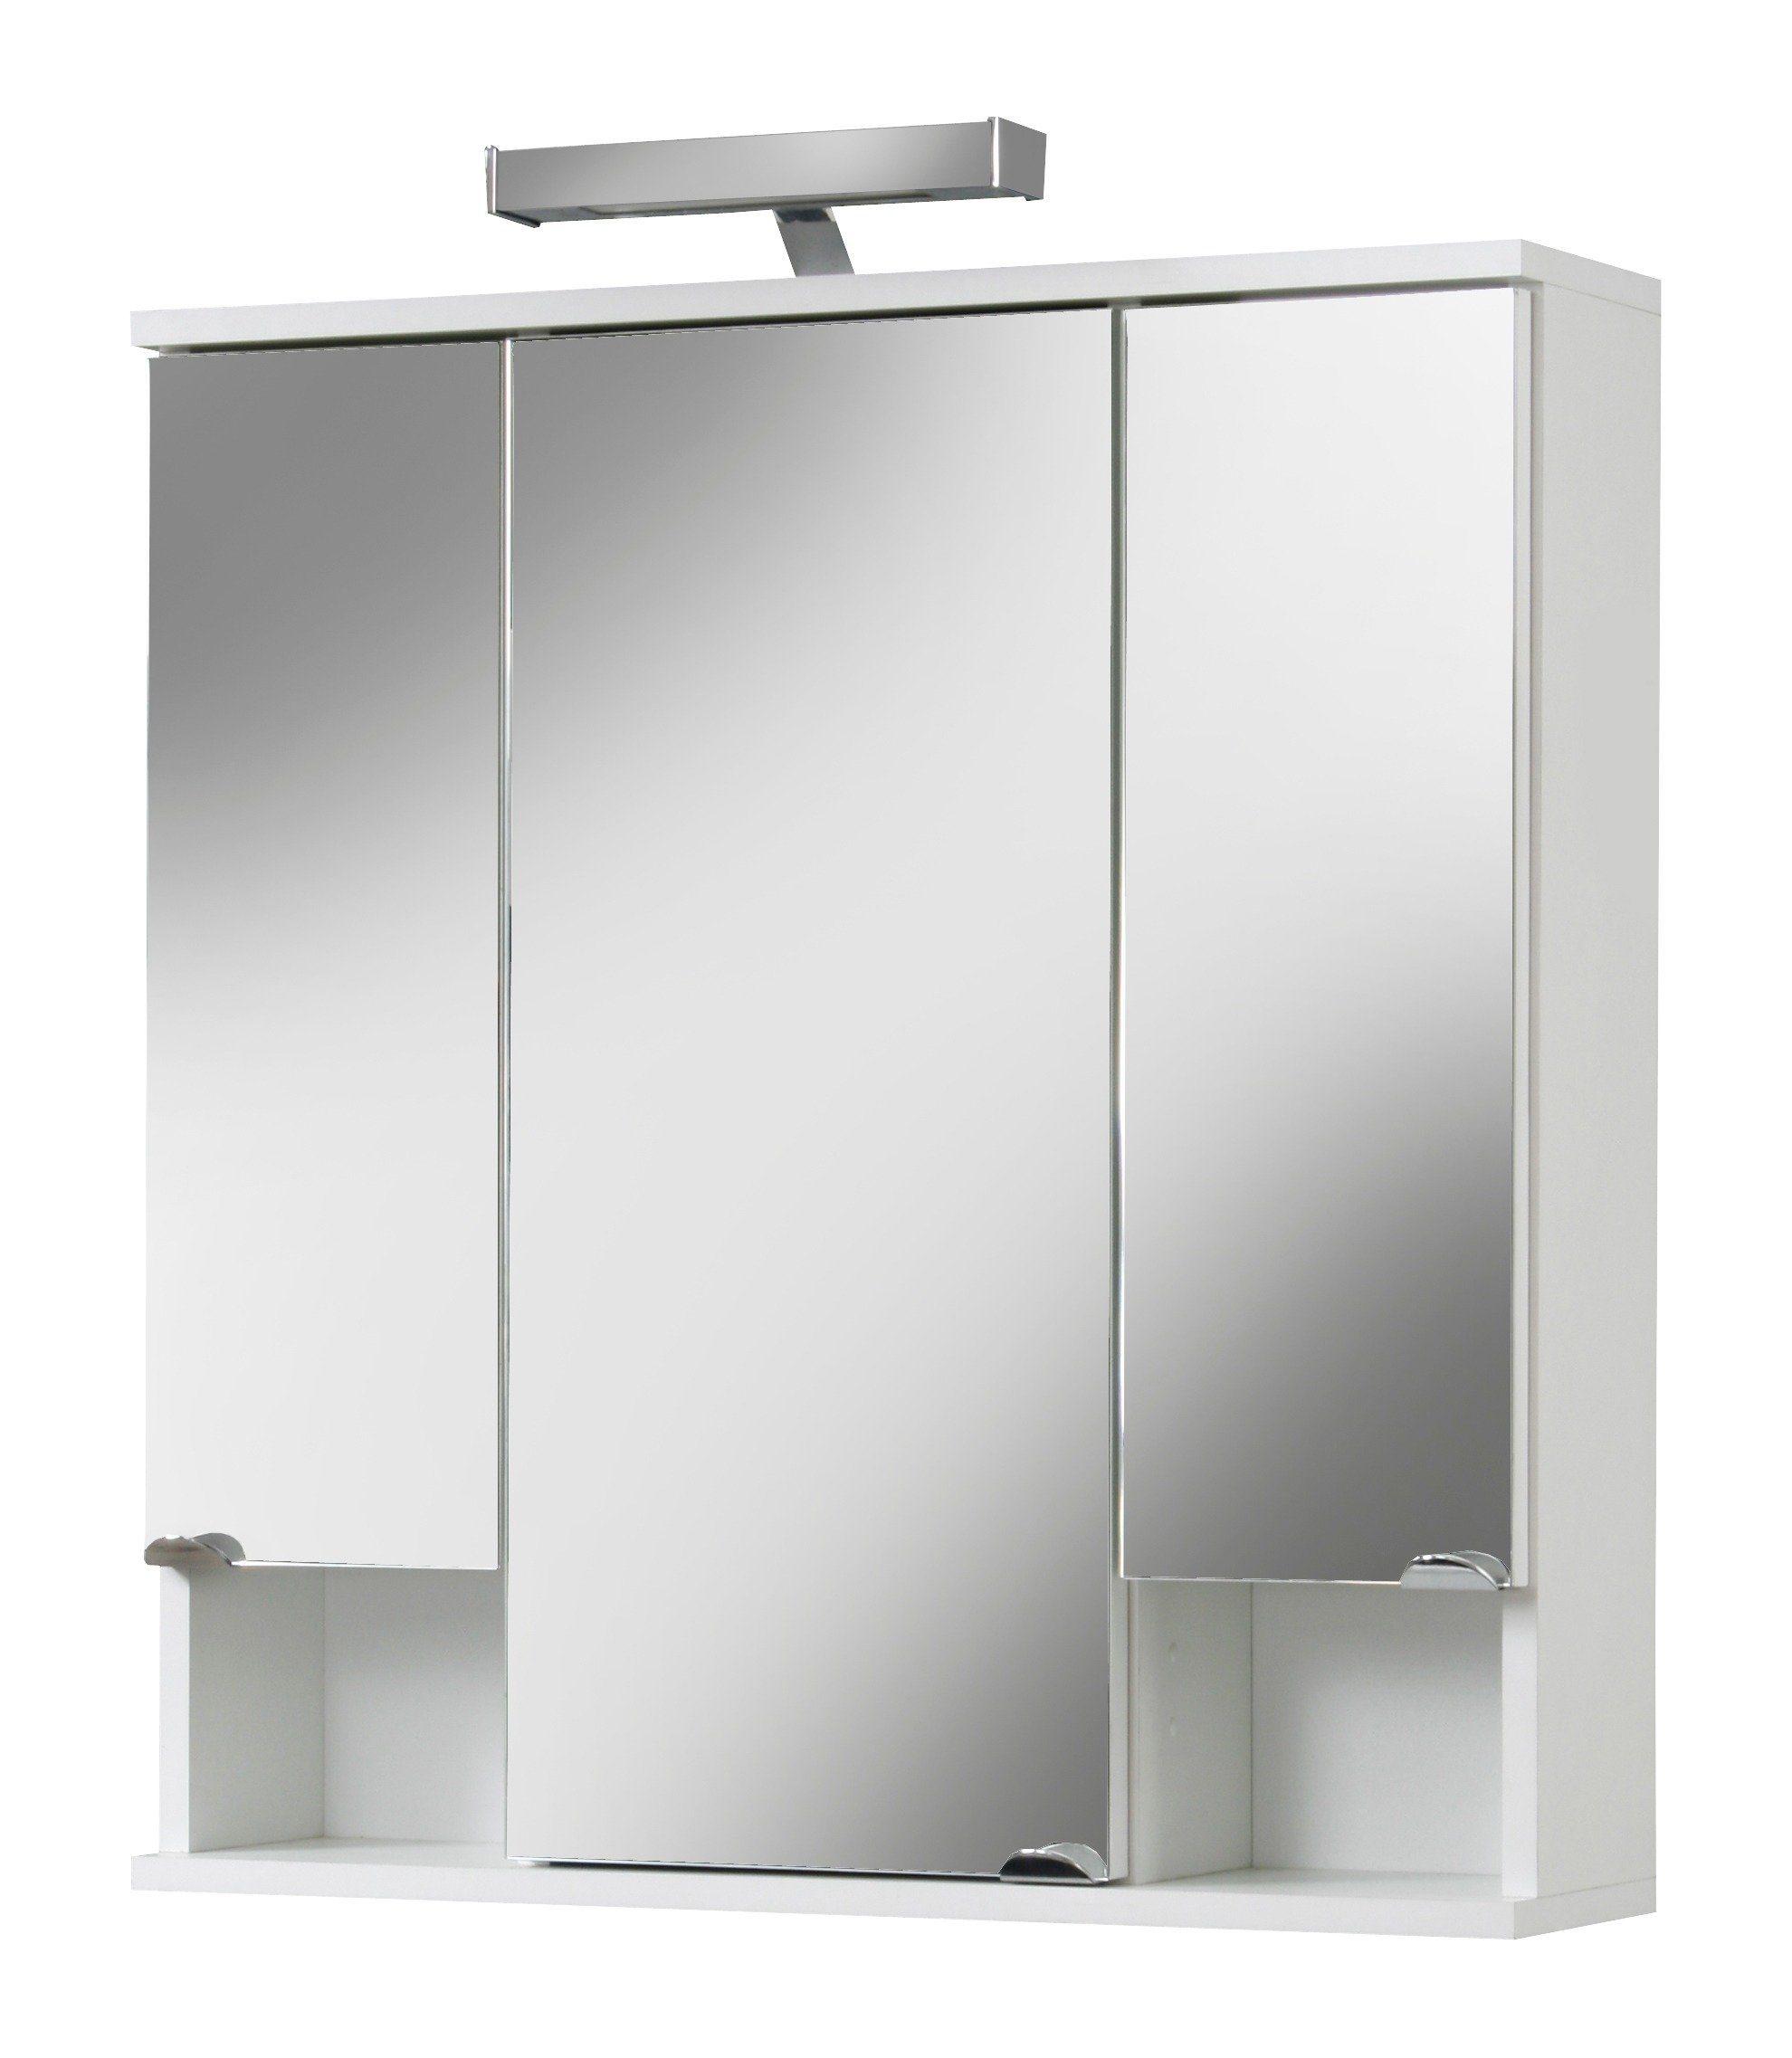 Spiegelschrank »Cadiz« Breite 67 cm, mit LED-Beleuchtung